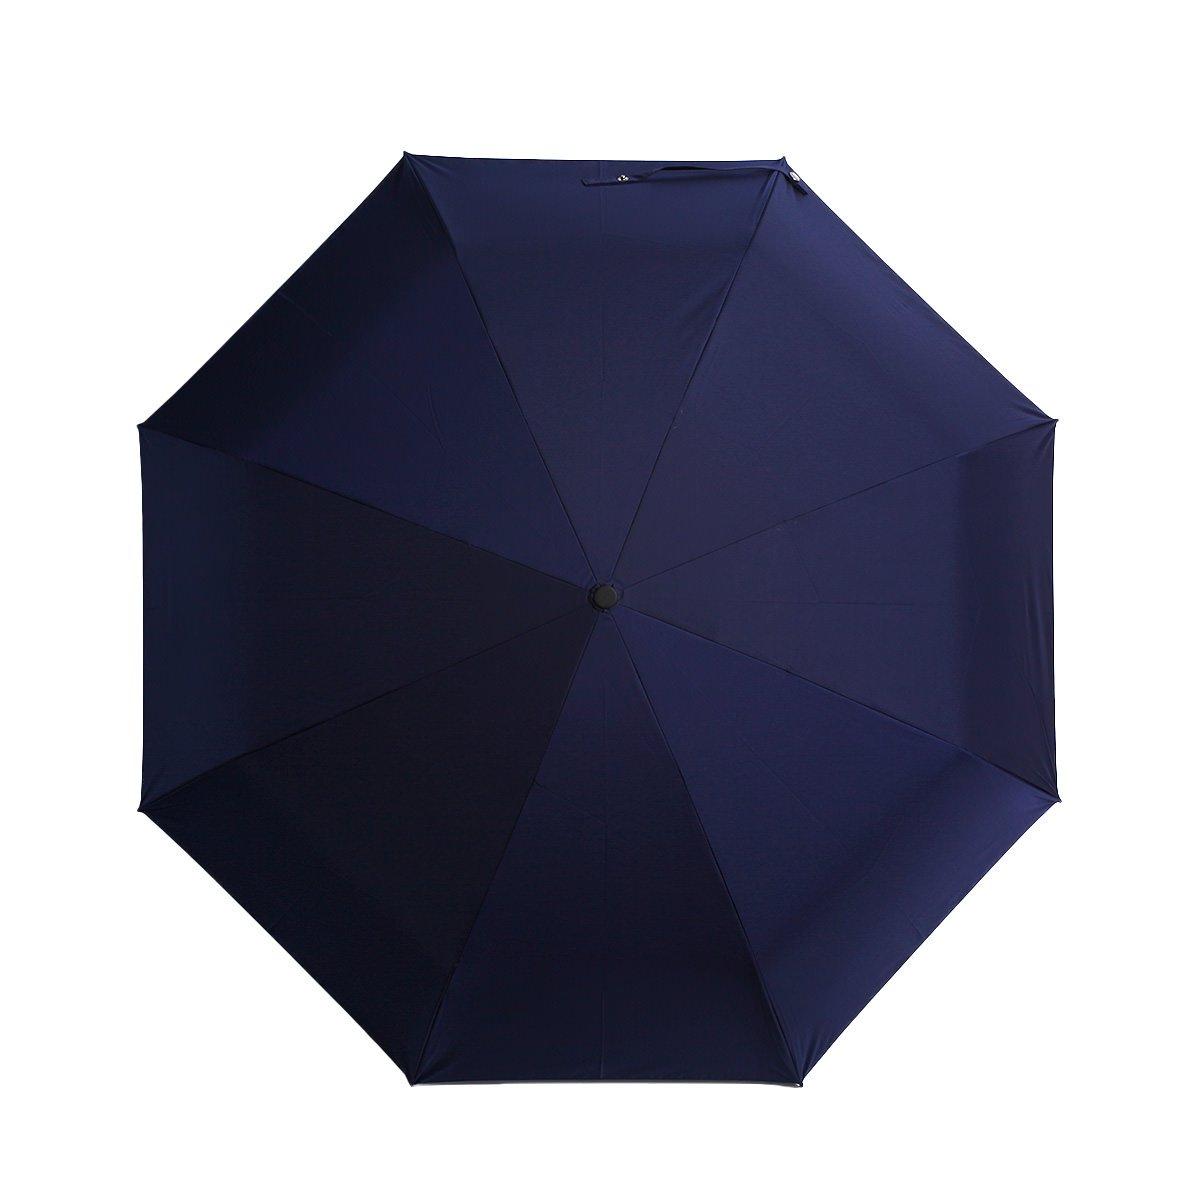 自動開閉 強力撥水 レインドロップ レクタス 折りたたみ傘 詳細画像10